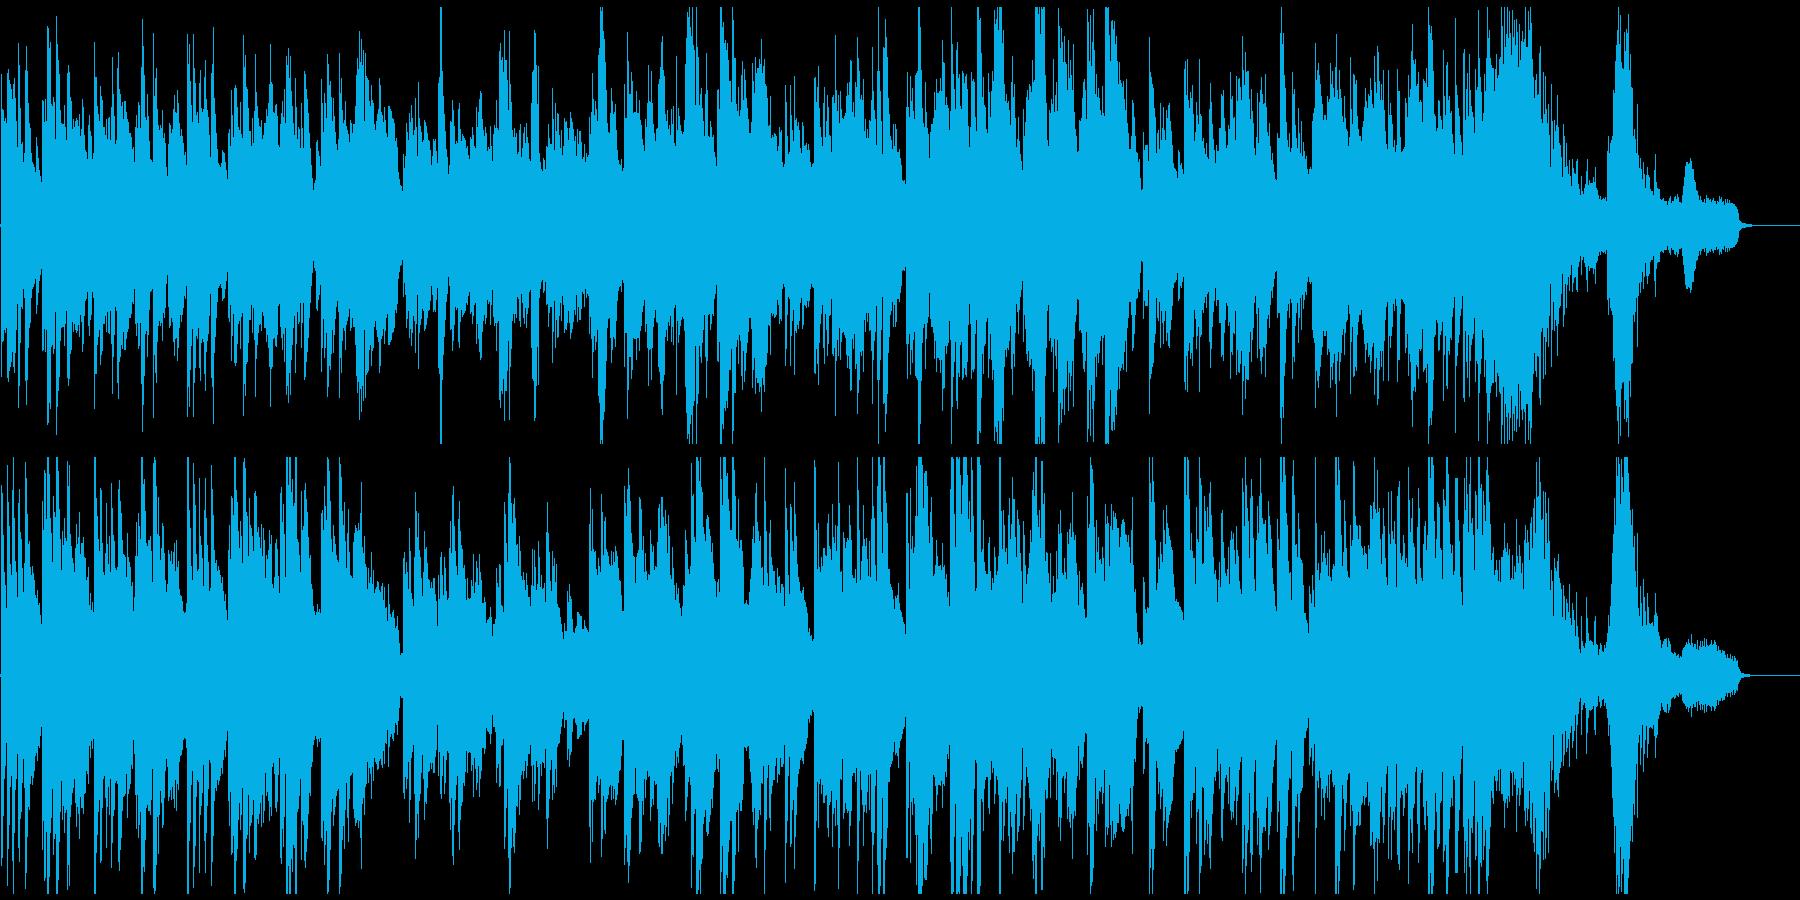 哀愁感漂う悲しい雰囲気のピアノソロの再生済みの波形